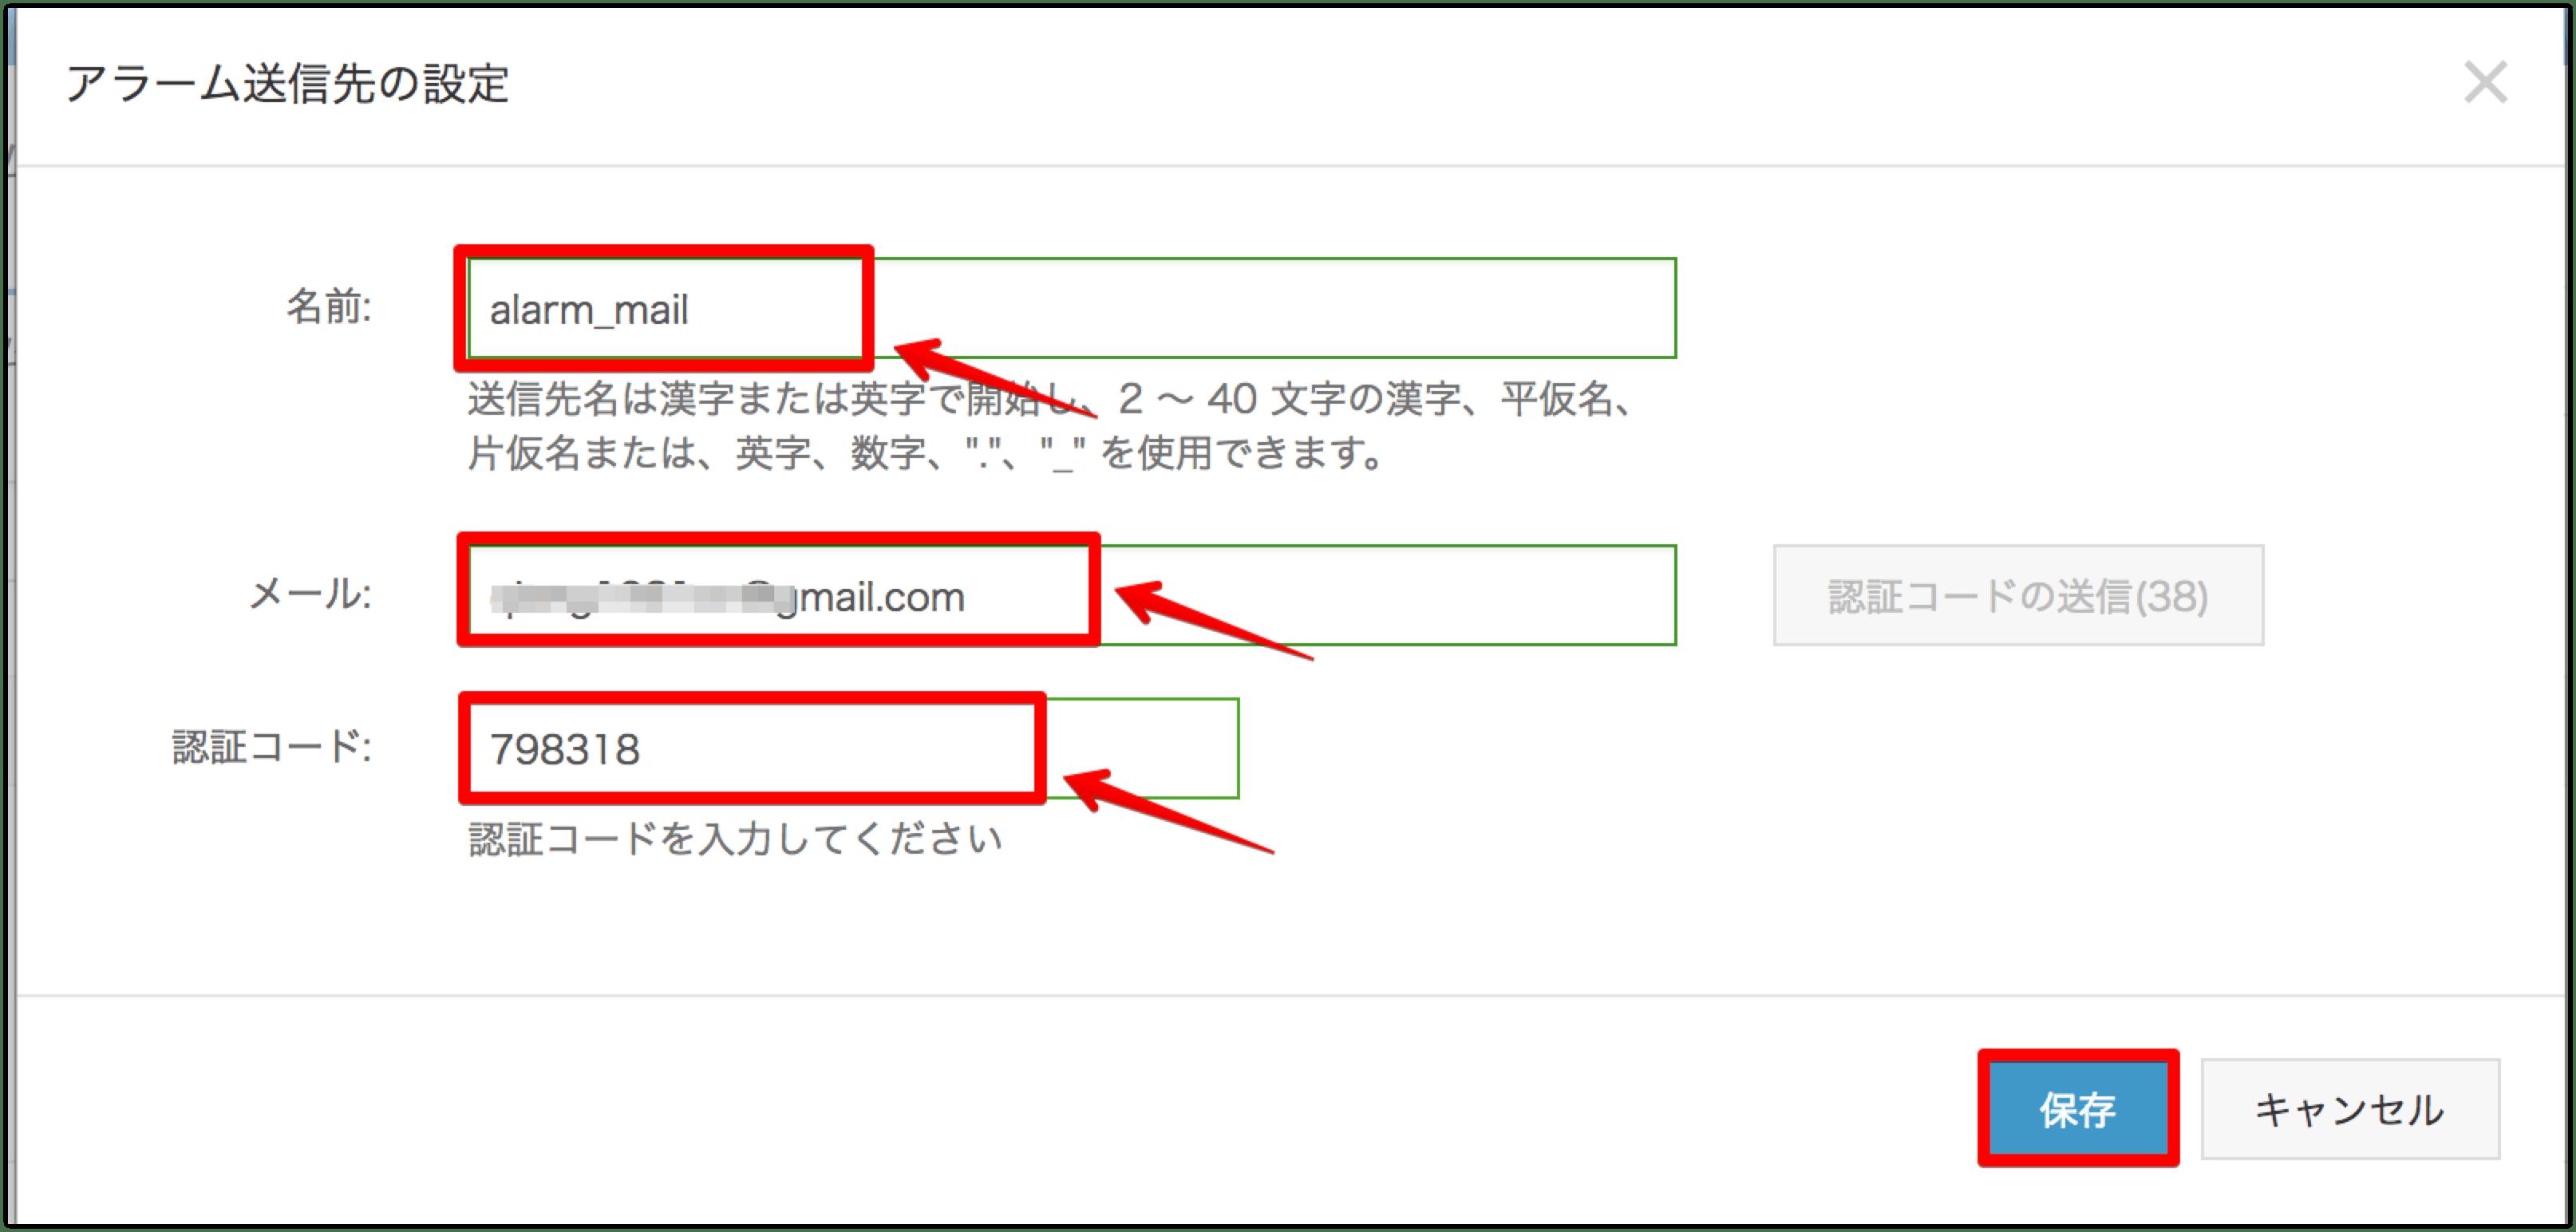 スクリーンショット 2018-05-10 20.44.16.png